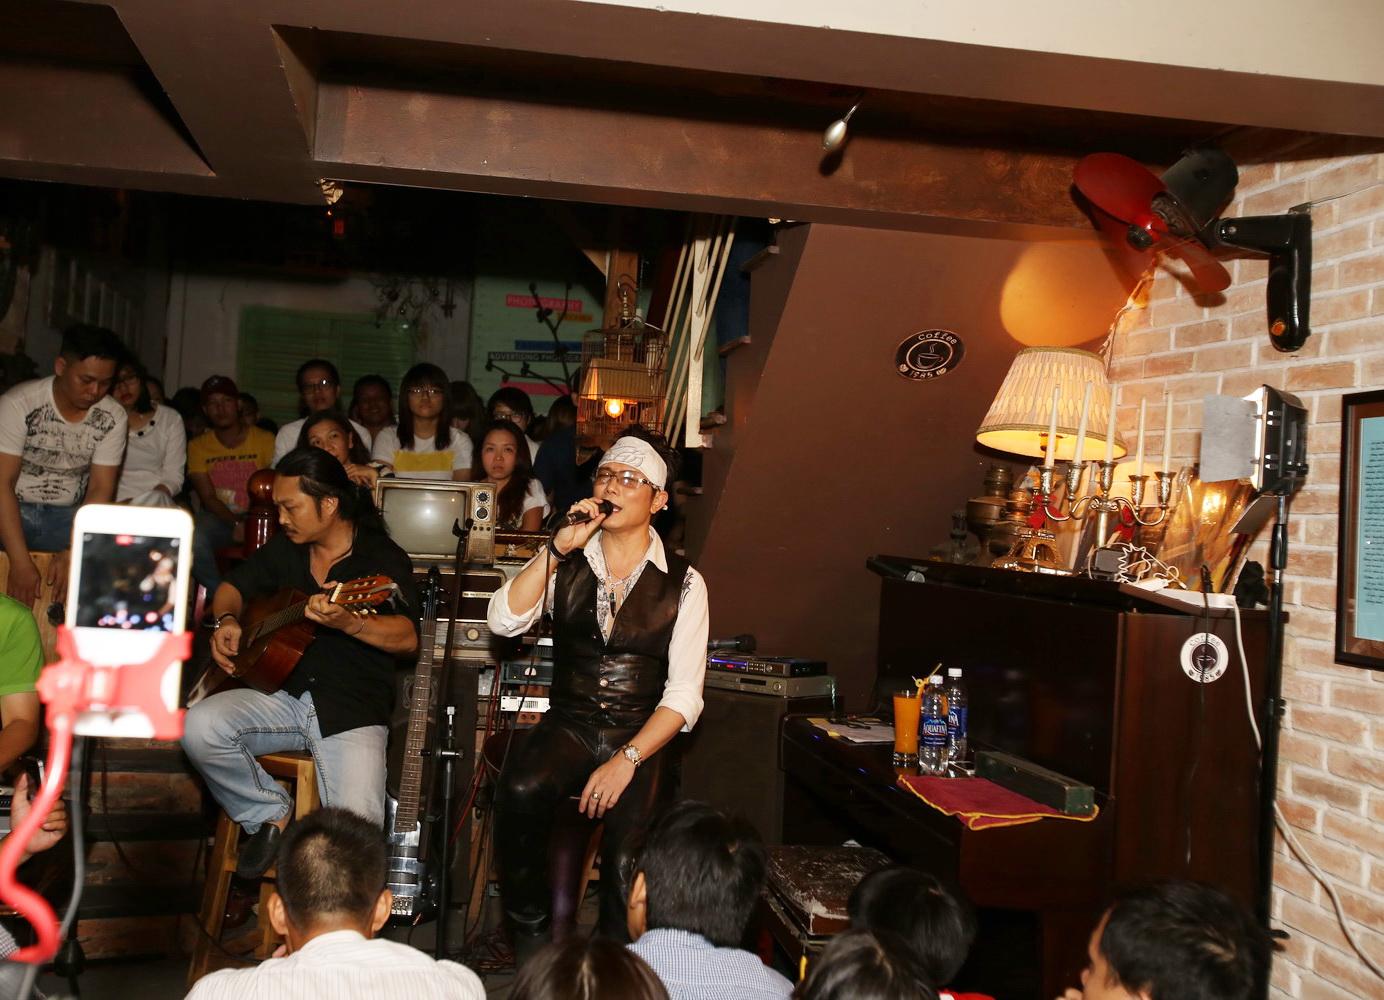 """Jimmii Nguyễn: """"Khán giả chính là người nuôi sống tâm hồn tôi"""" 1"""